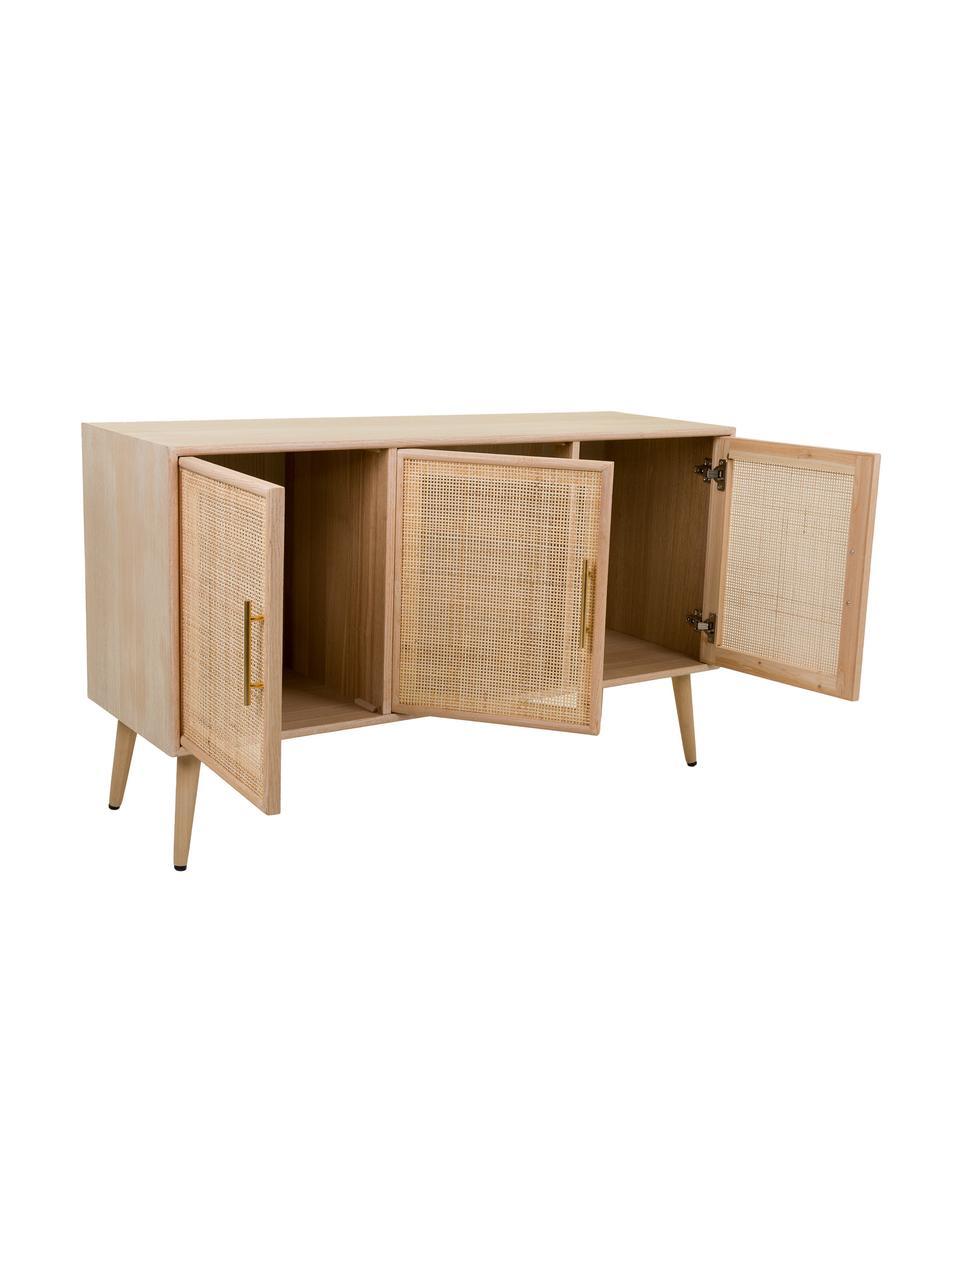 Komoda z drewna Cayetana, Korpus: płyta pilśniowa średniej , Nogi: drewno bambusowe, lakiero, Brązowy, S 120 x W 71 cm